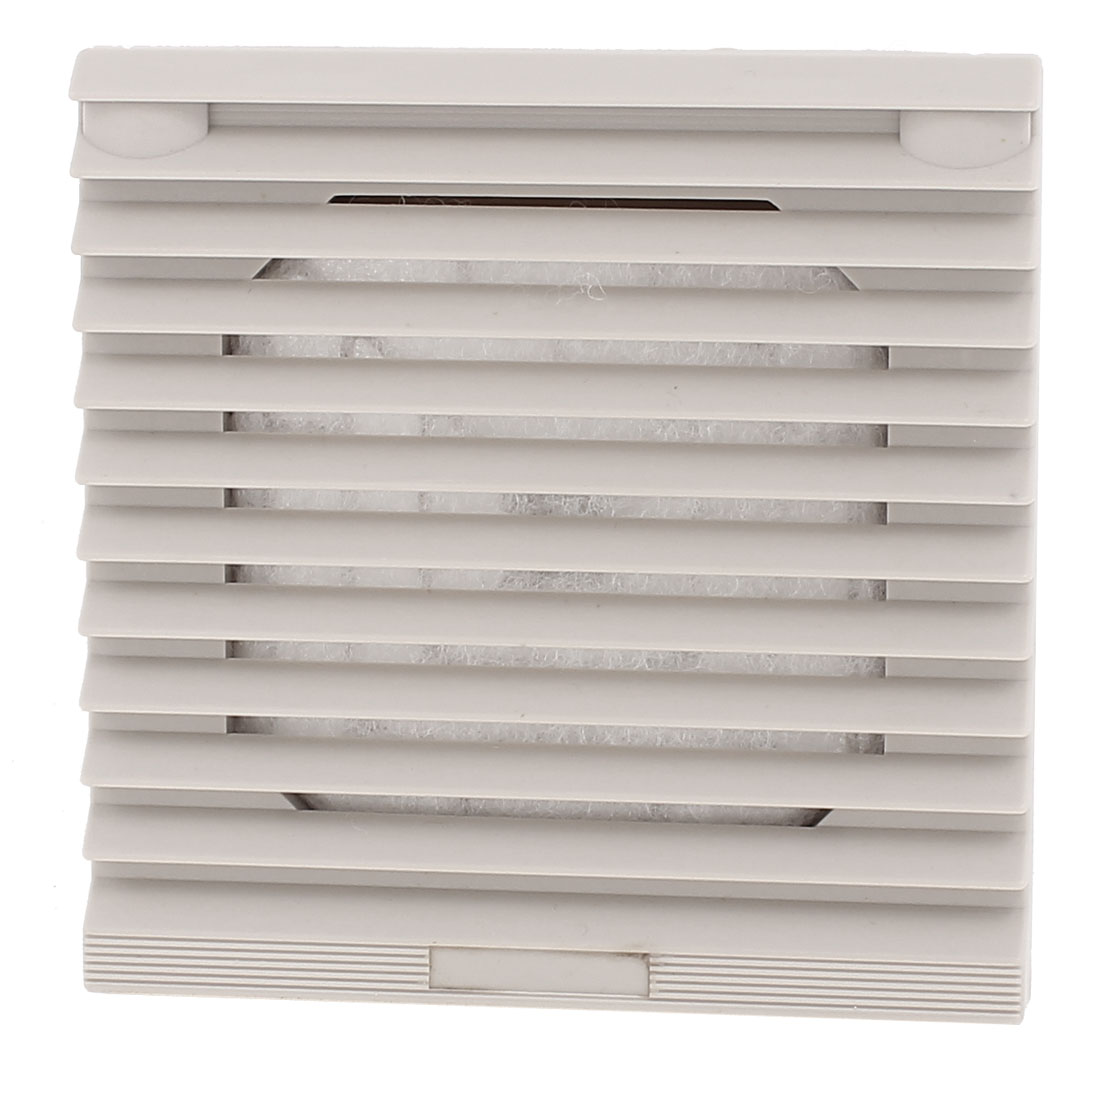 106mm x 106mm Gray Plastic Cabinet Washable Axial Flow Fan Foam Dust Filter